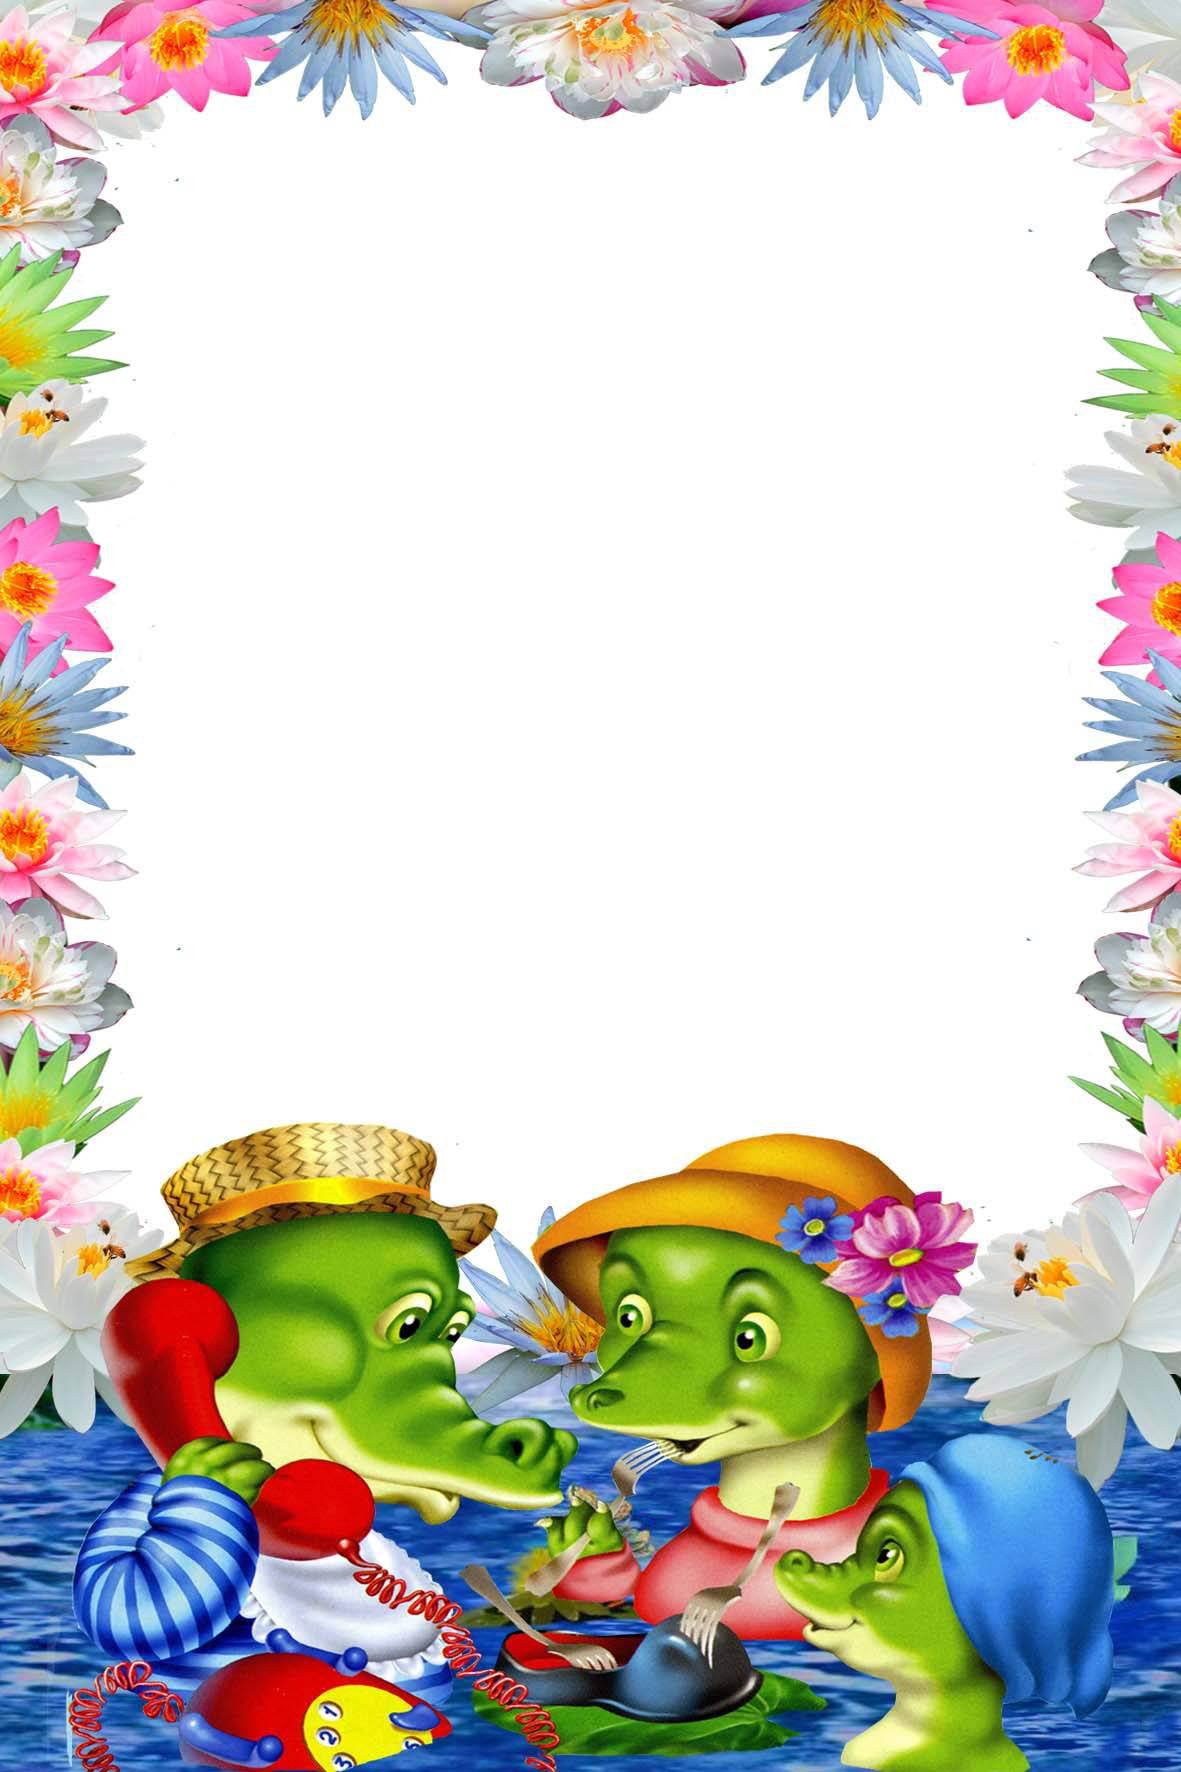 Новогодние рамки. Огромная вертикальная новогодняя рамка для детских и семейных фотографий поможет Вам весело и оригинально поздравить свою семью с Новым годом. Цветочная новогодняя рамка отлично поднимает настроение, также как и семейство крокодильчиков, которое плавает в пруду в нижней части рамки. Папа-крокодильчик разговаривает по телефону, мама-крокодильчик приготовилась съесть галошу, а маленький сынишка смотрит на папу большими глазами. Позитивная новогодняя рамка, которую можно положить на красивый фон, чтобы сделать уникальную горизонтальную новогоднюю рамку.